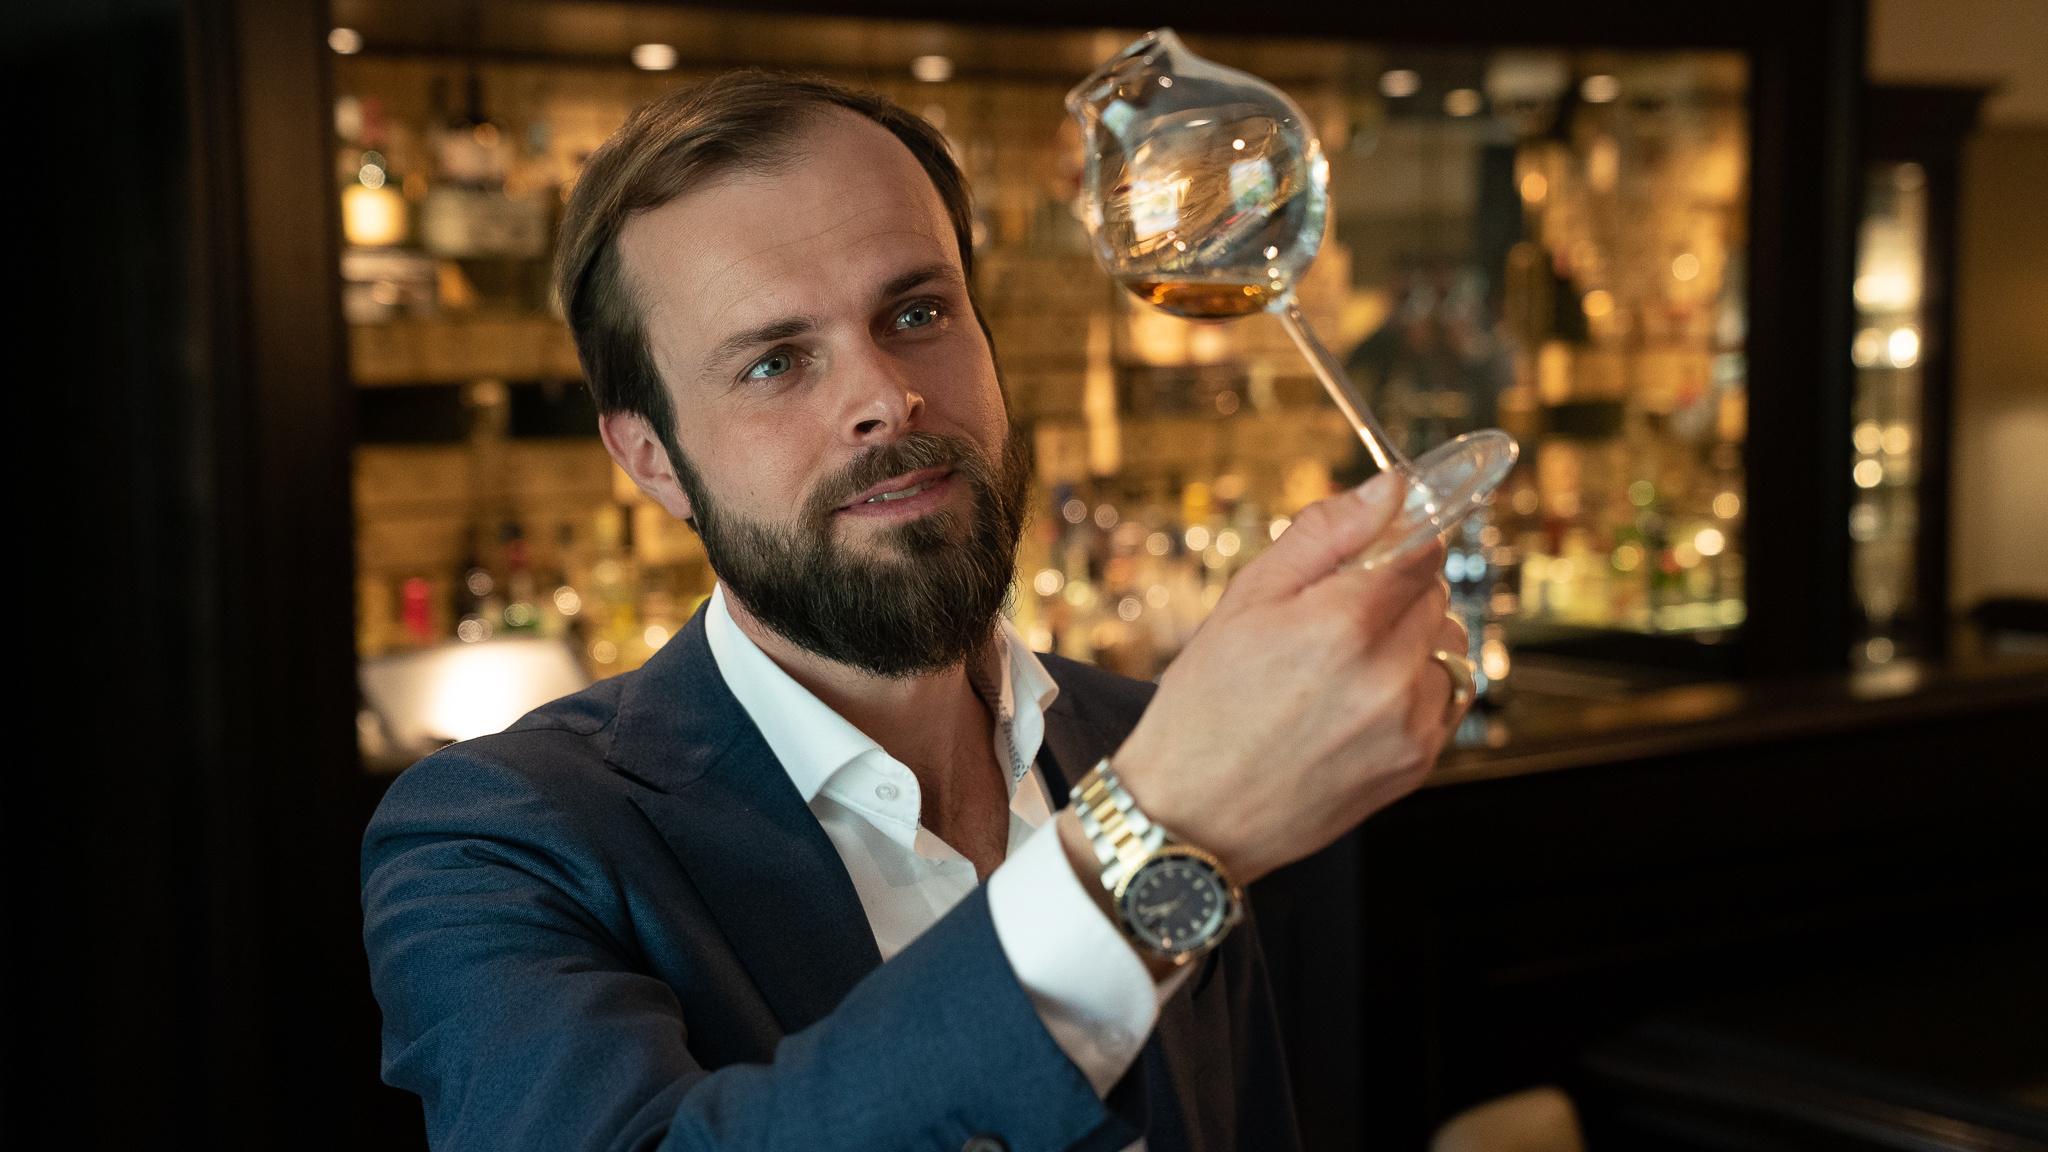 Meet Henrik Krijnen